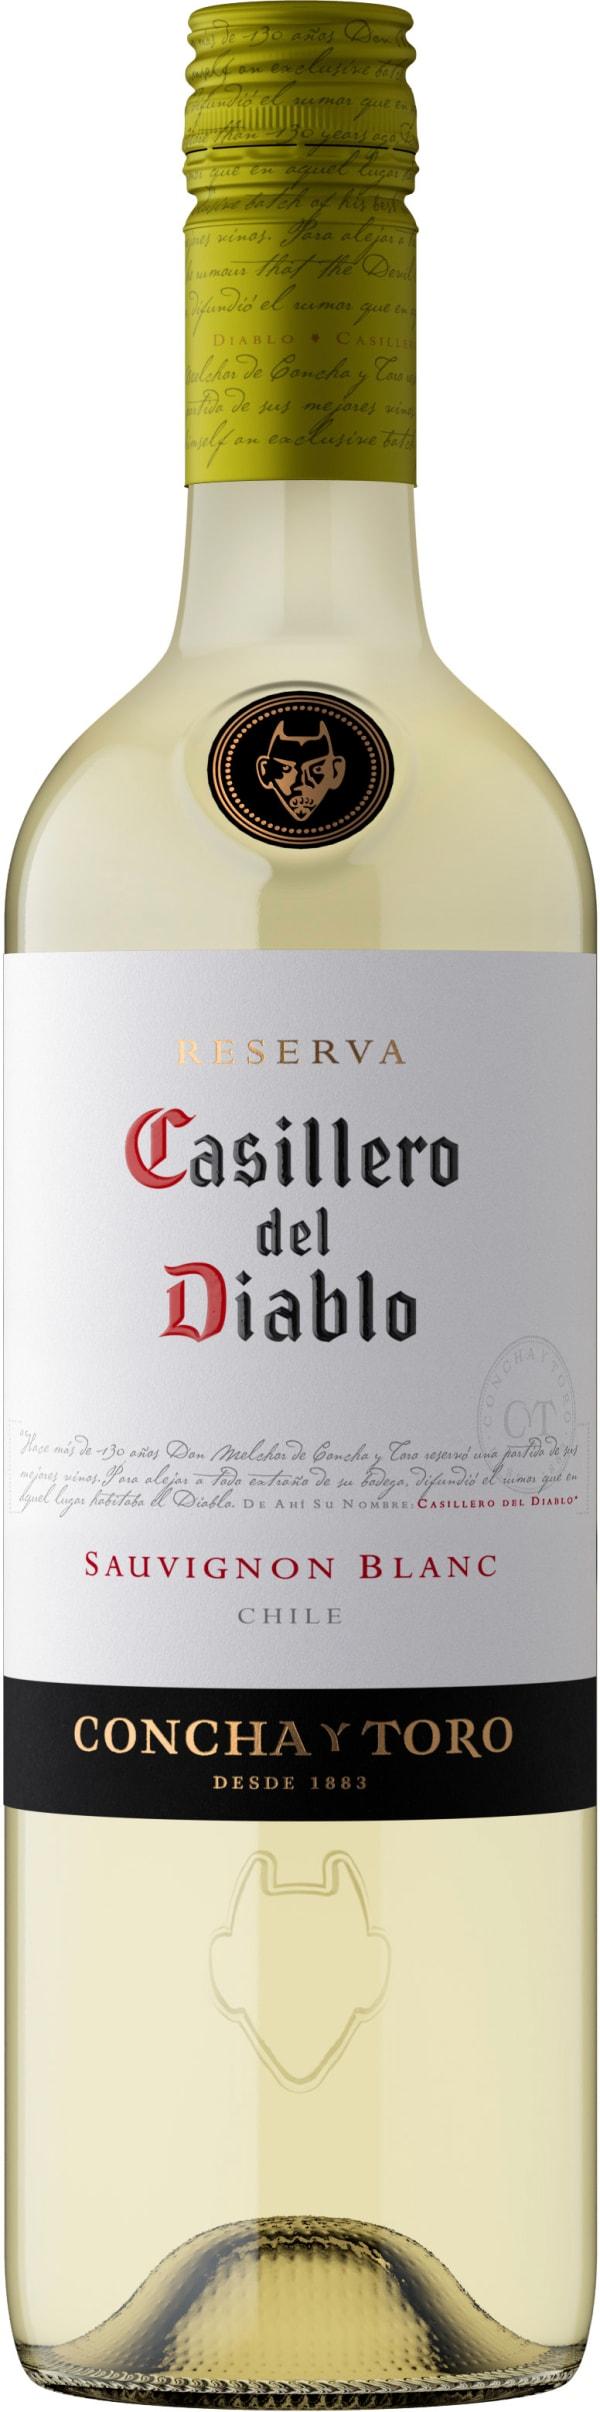 Casillero del Diablo Sauvignon Blanc 2020